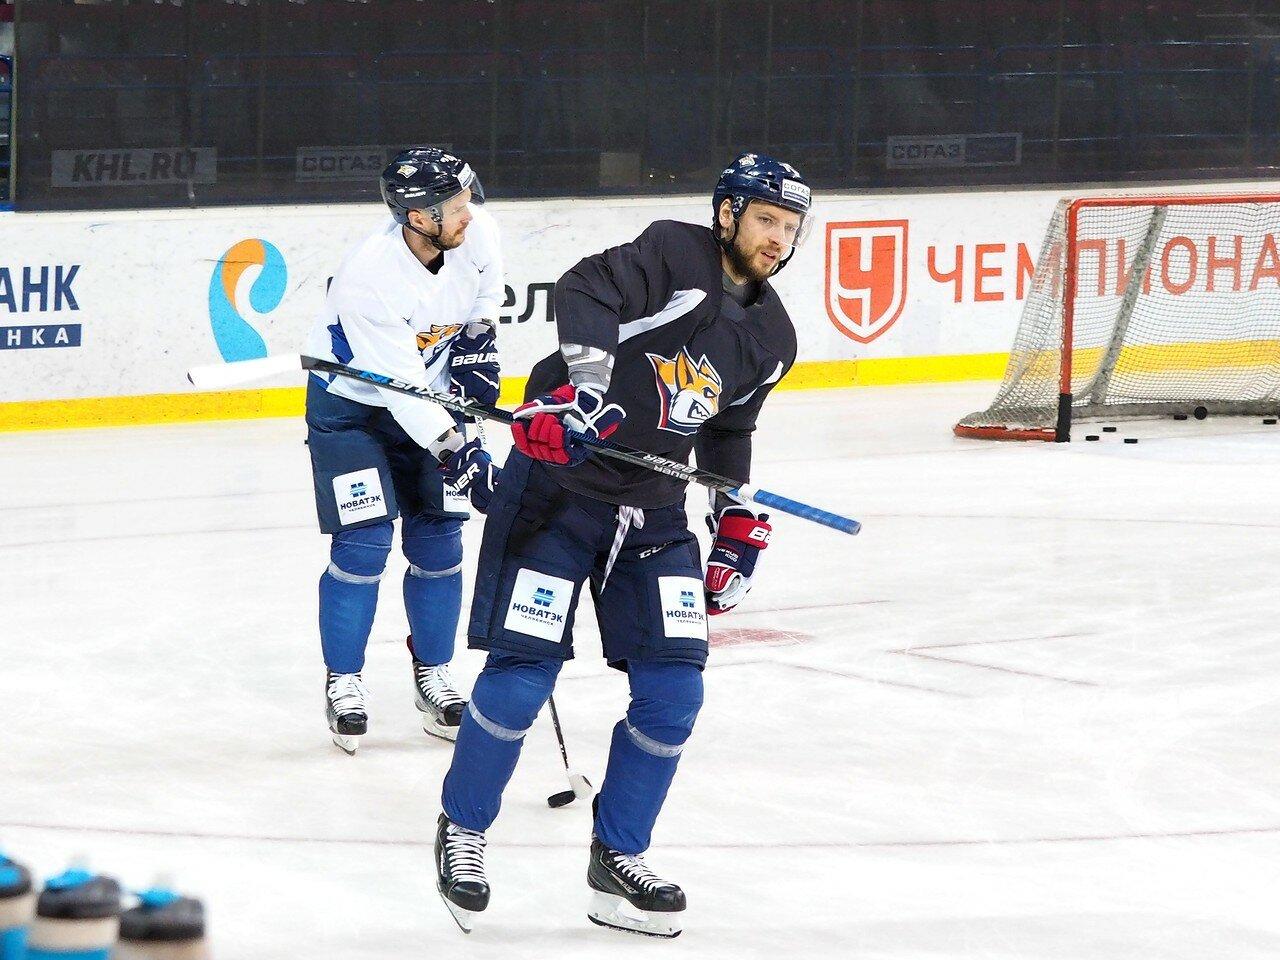 7 Открытая тренировка перед финалом плей-офф КХЛ 2017 06.04.2017